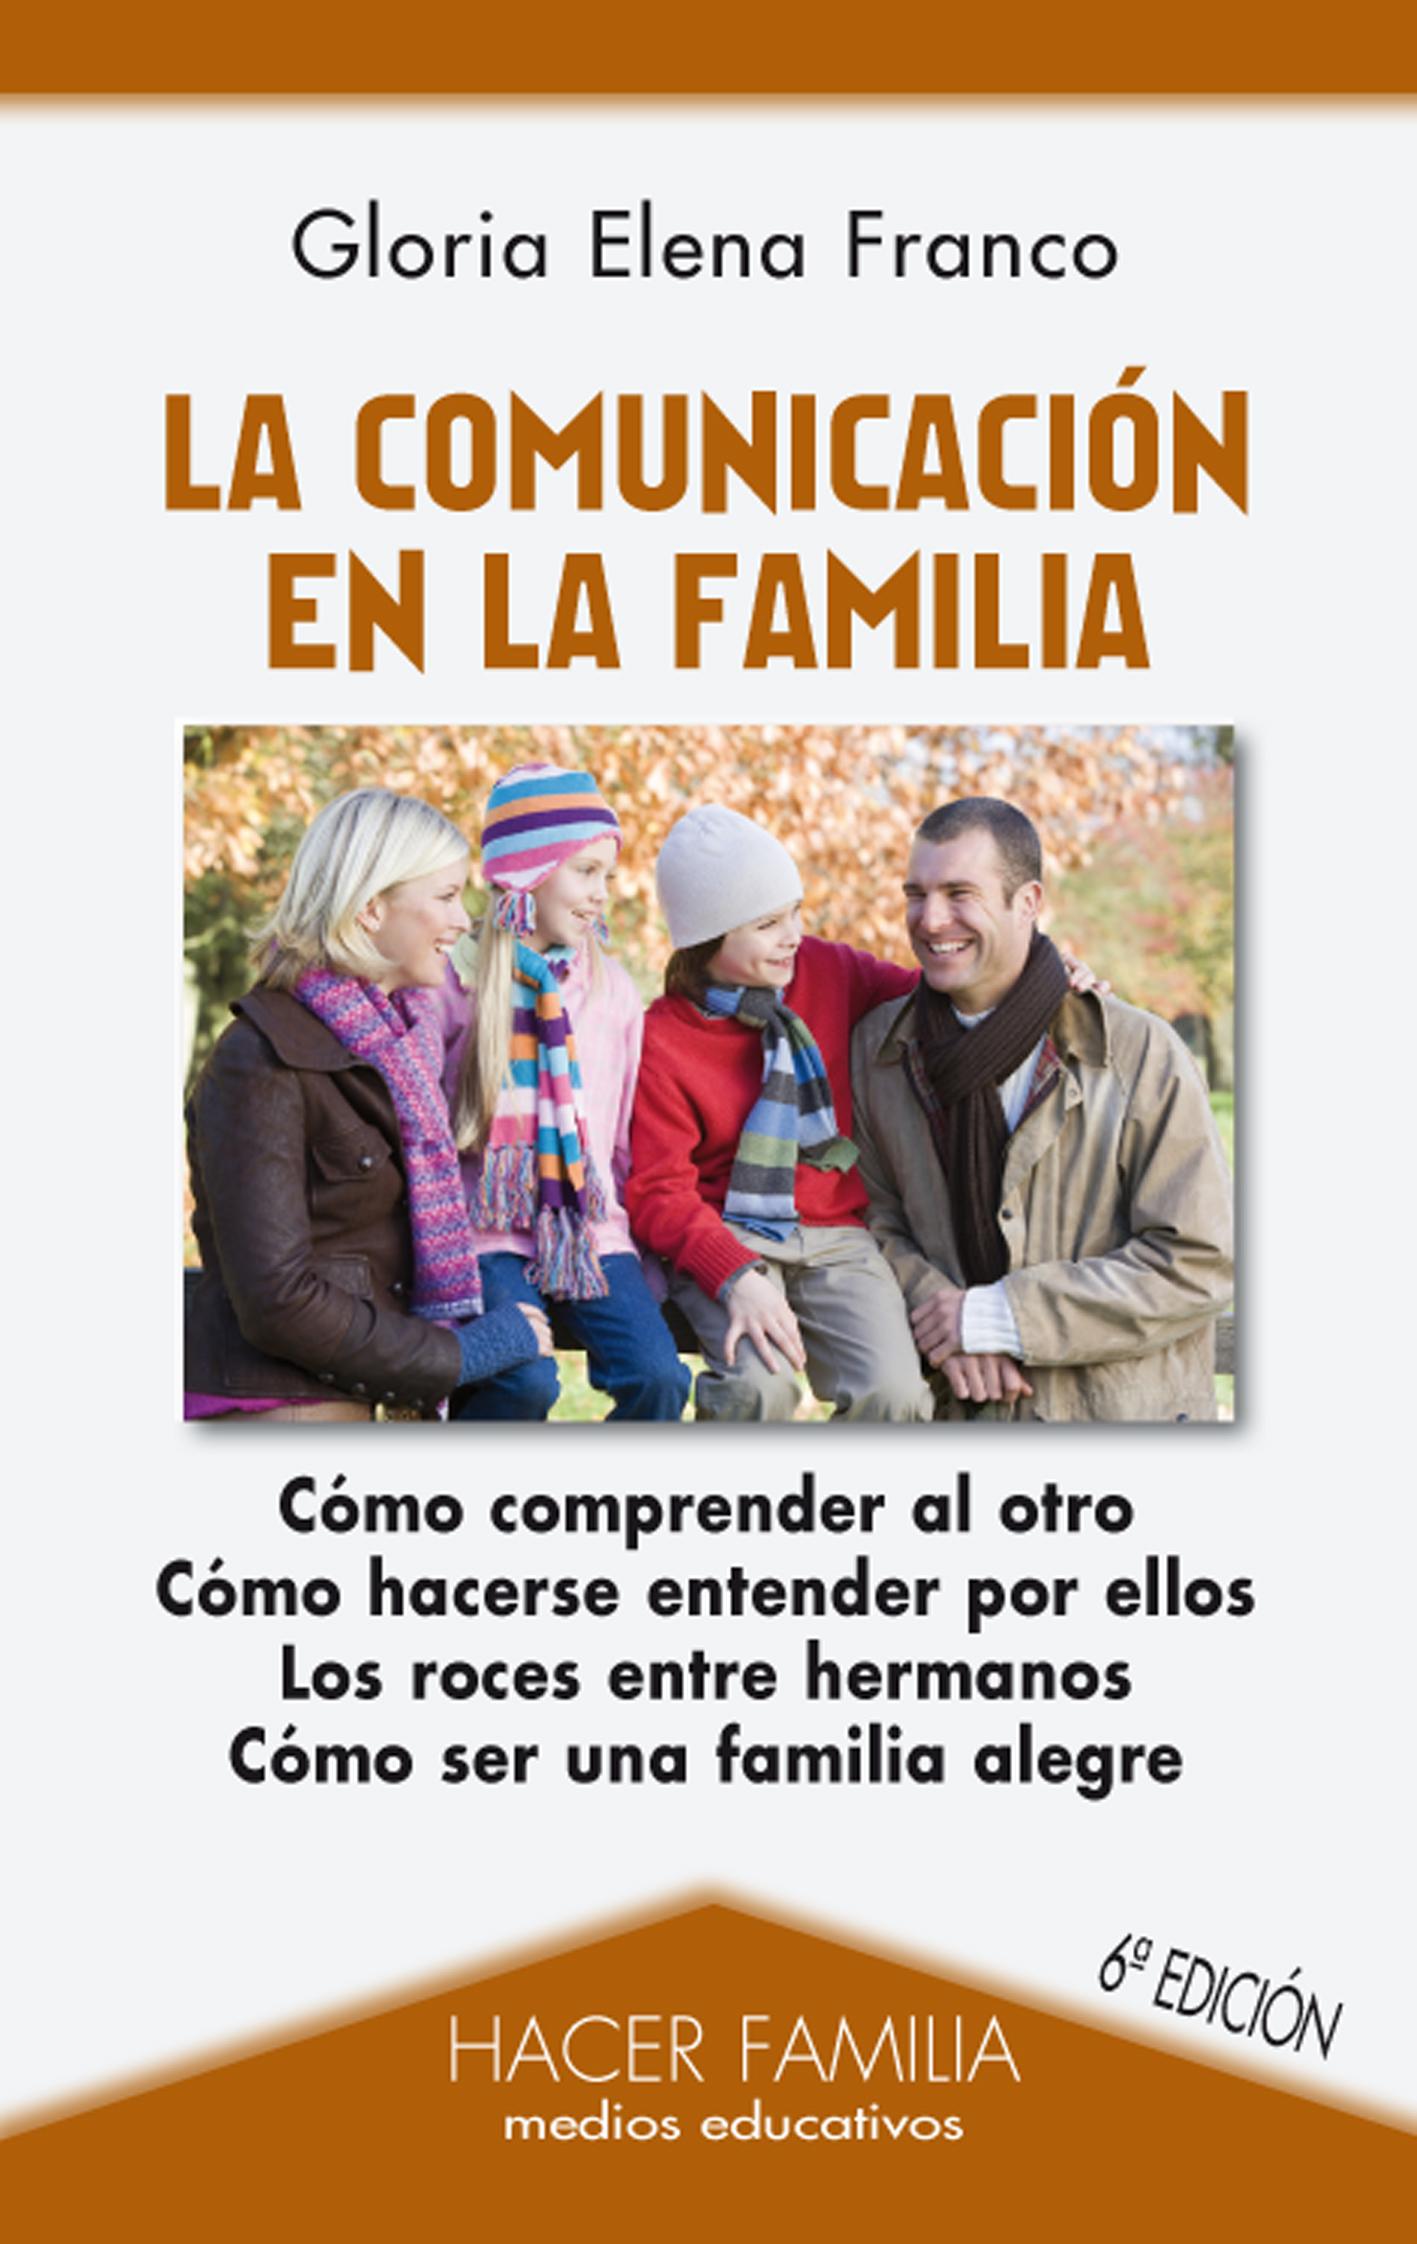 Libro: La comunicación en la familia de Gloria Elena Franco